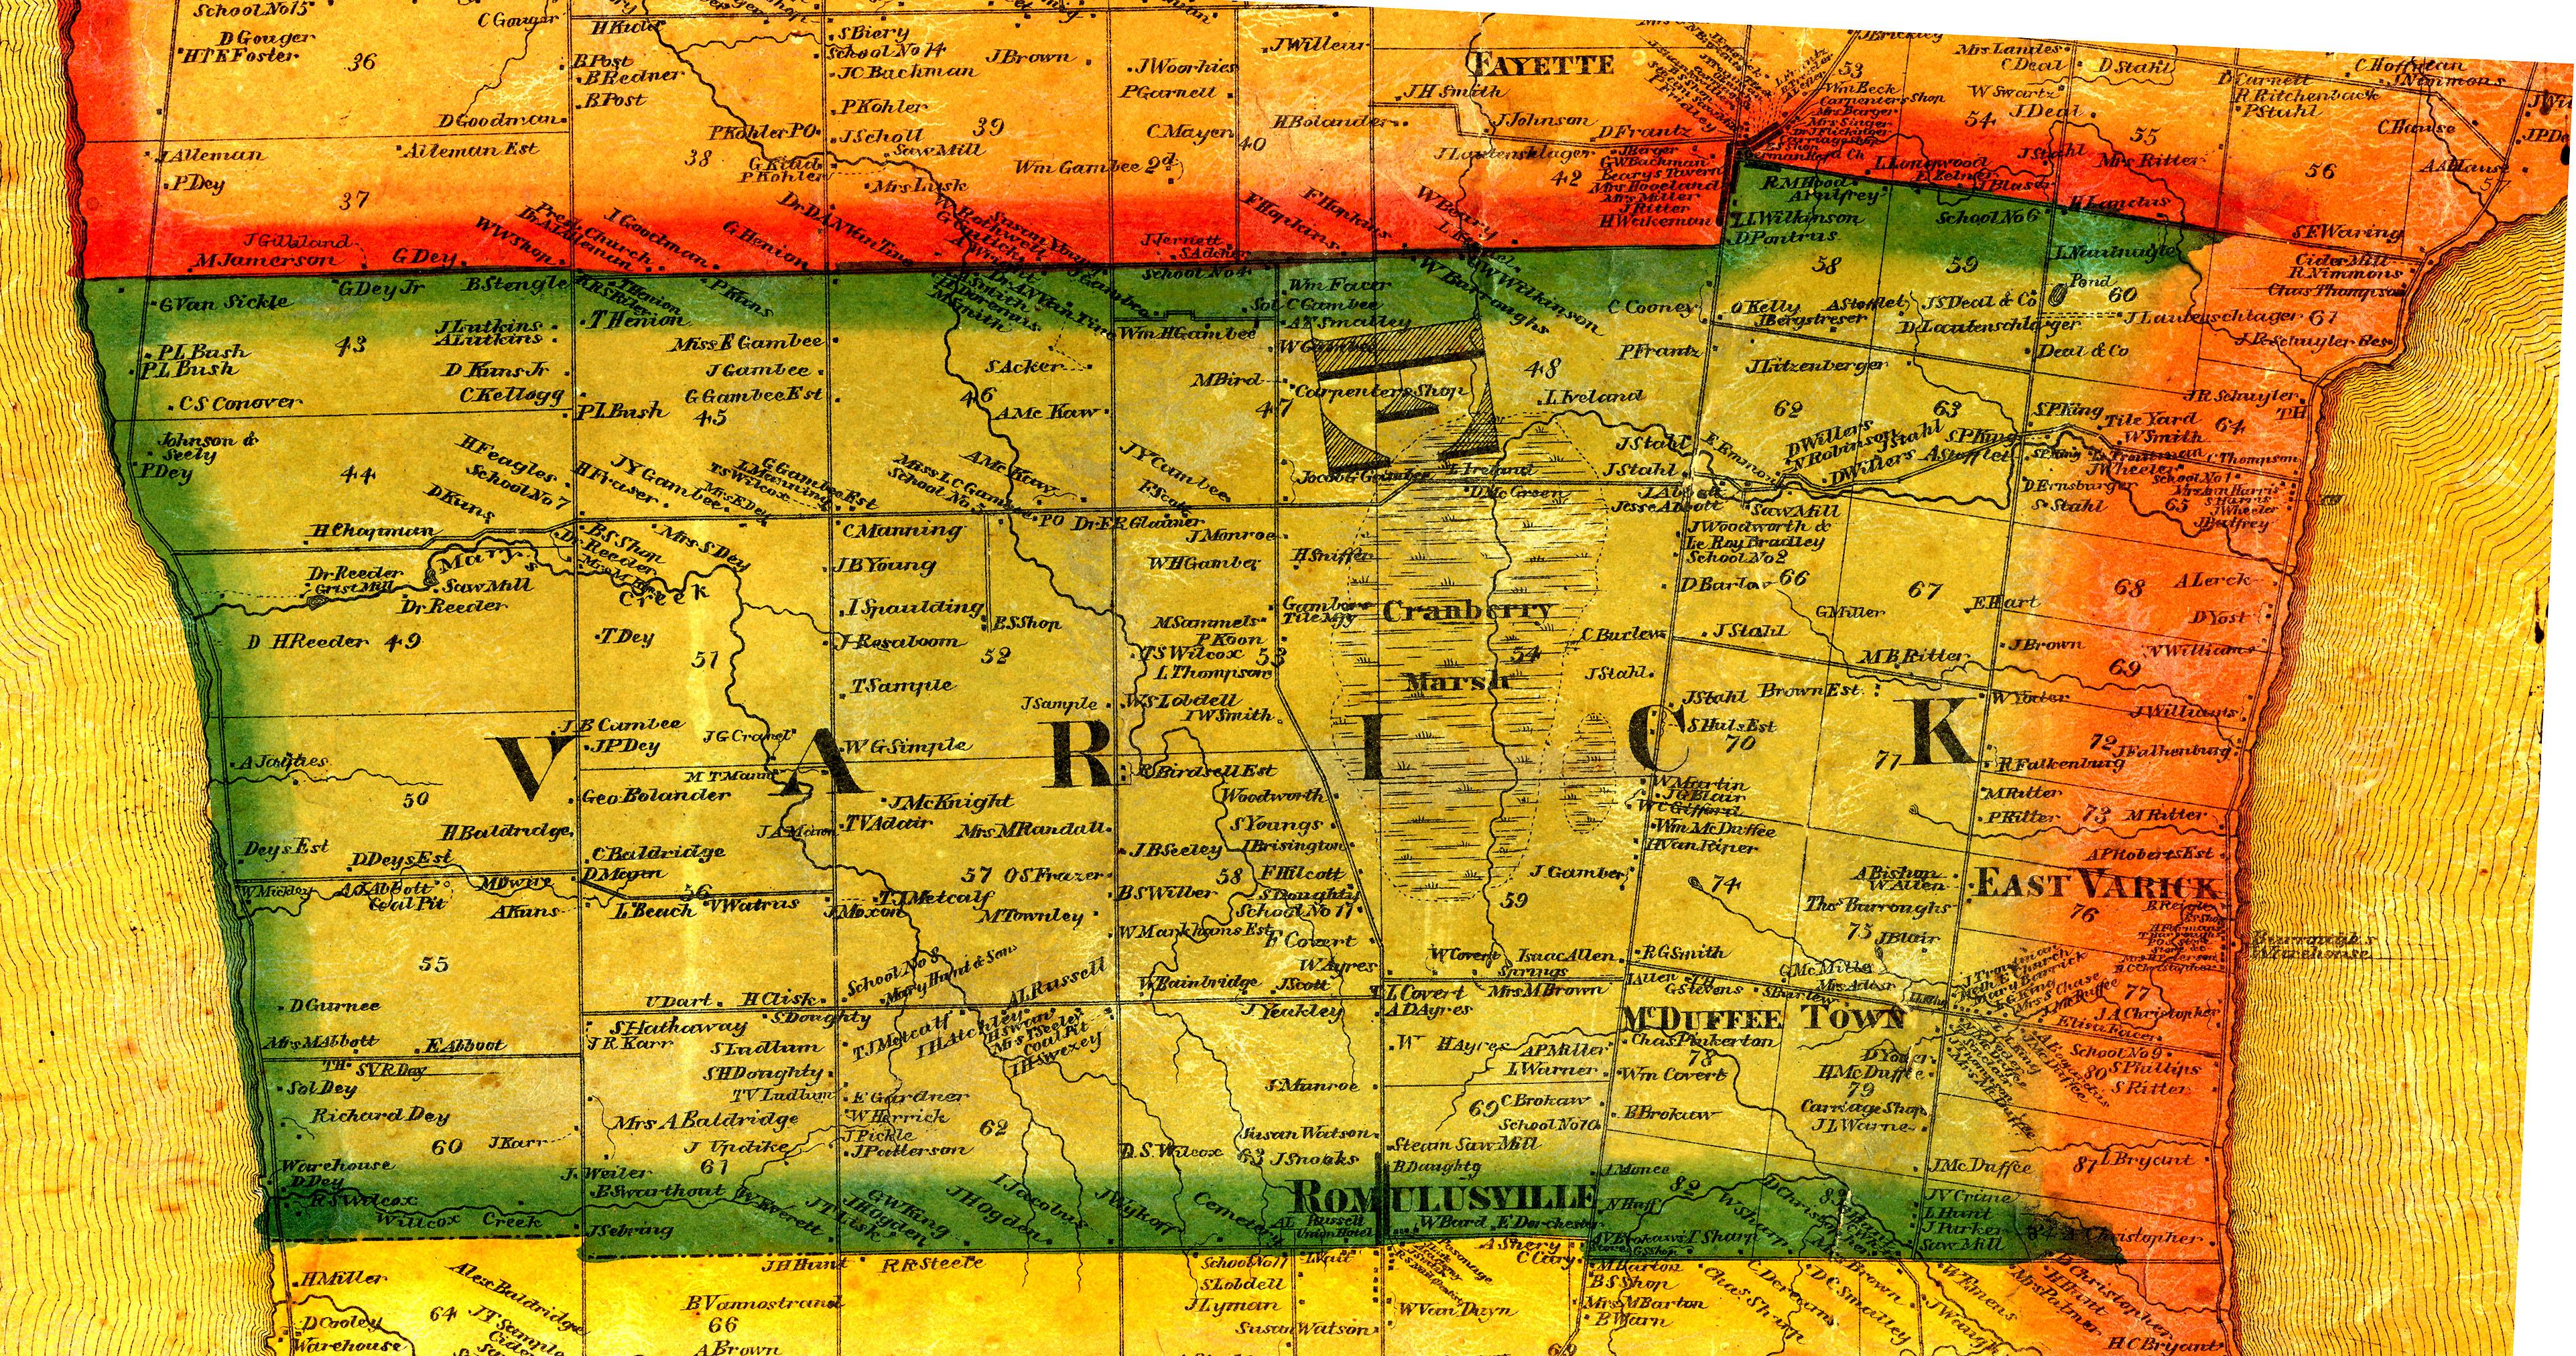 1859 Cayuga/Seneca County, NY Mapvarick town